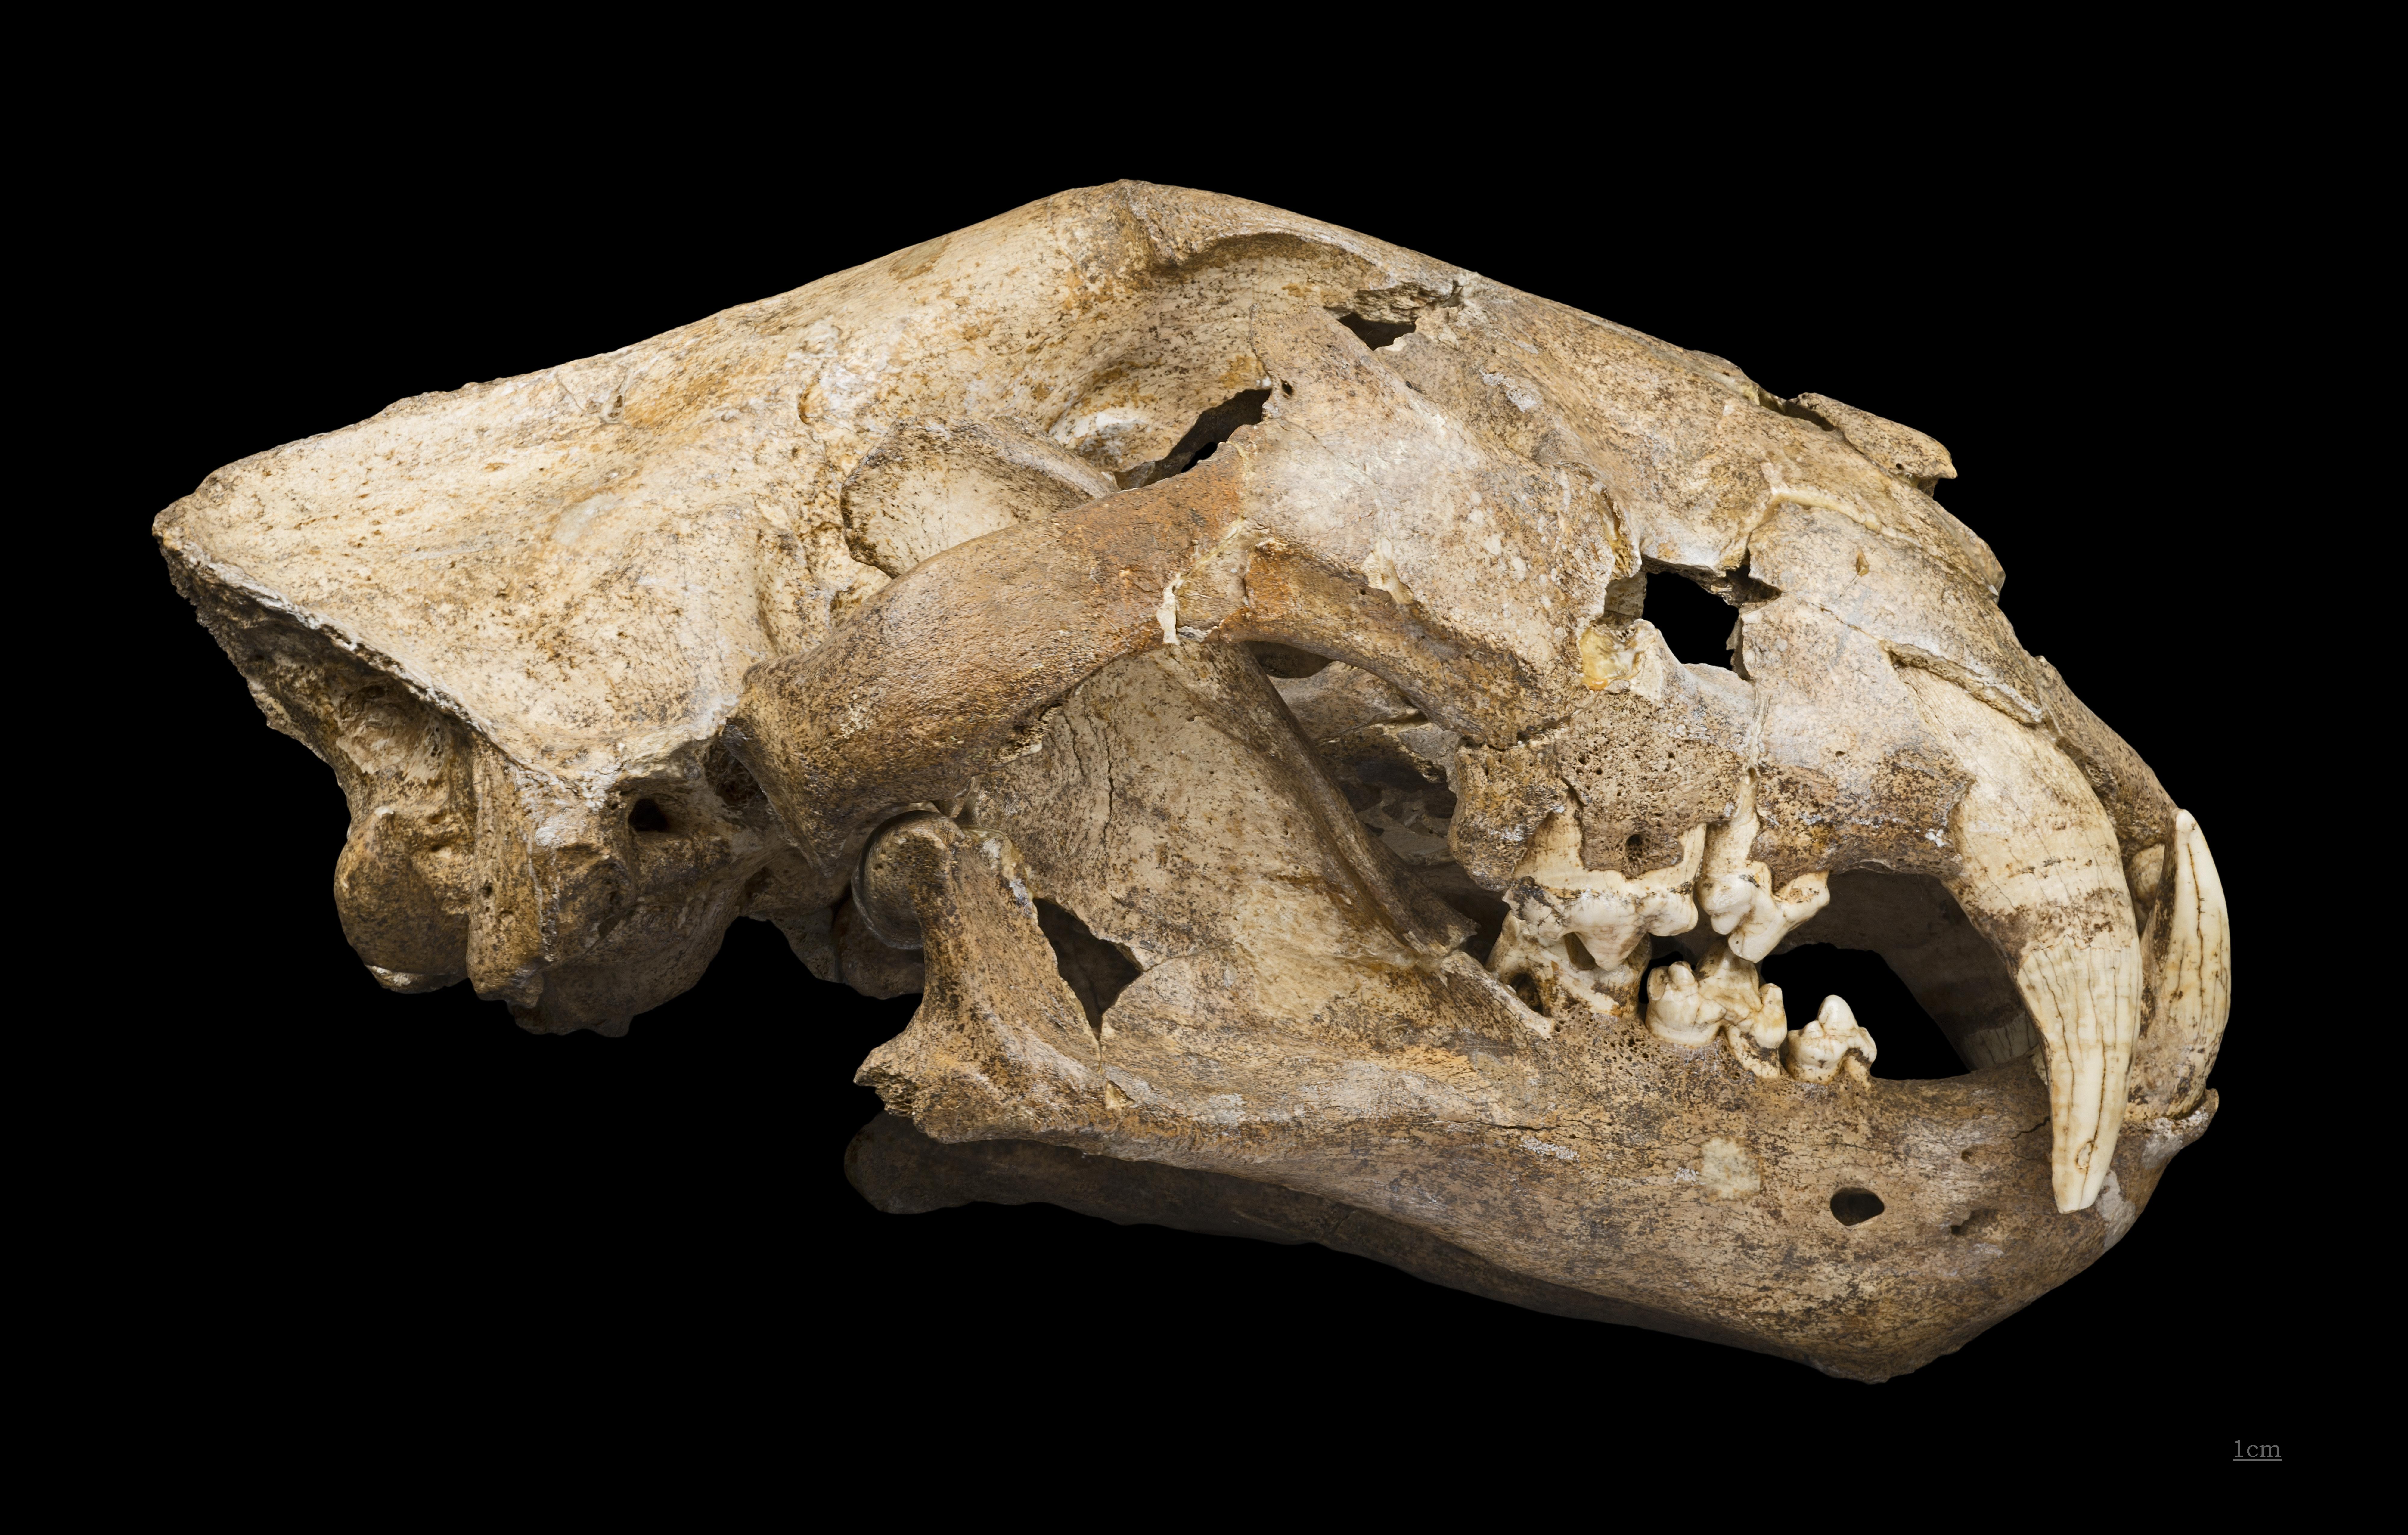 Crâne de Panthera spelaea exposé au Muséum de Toulouse